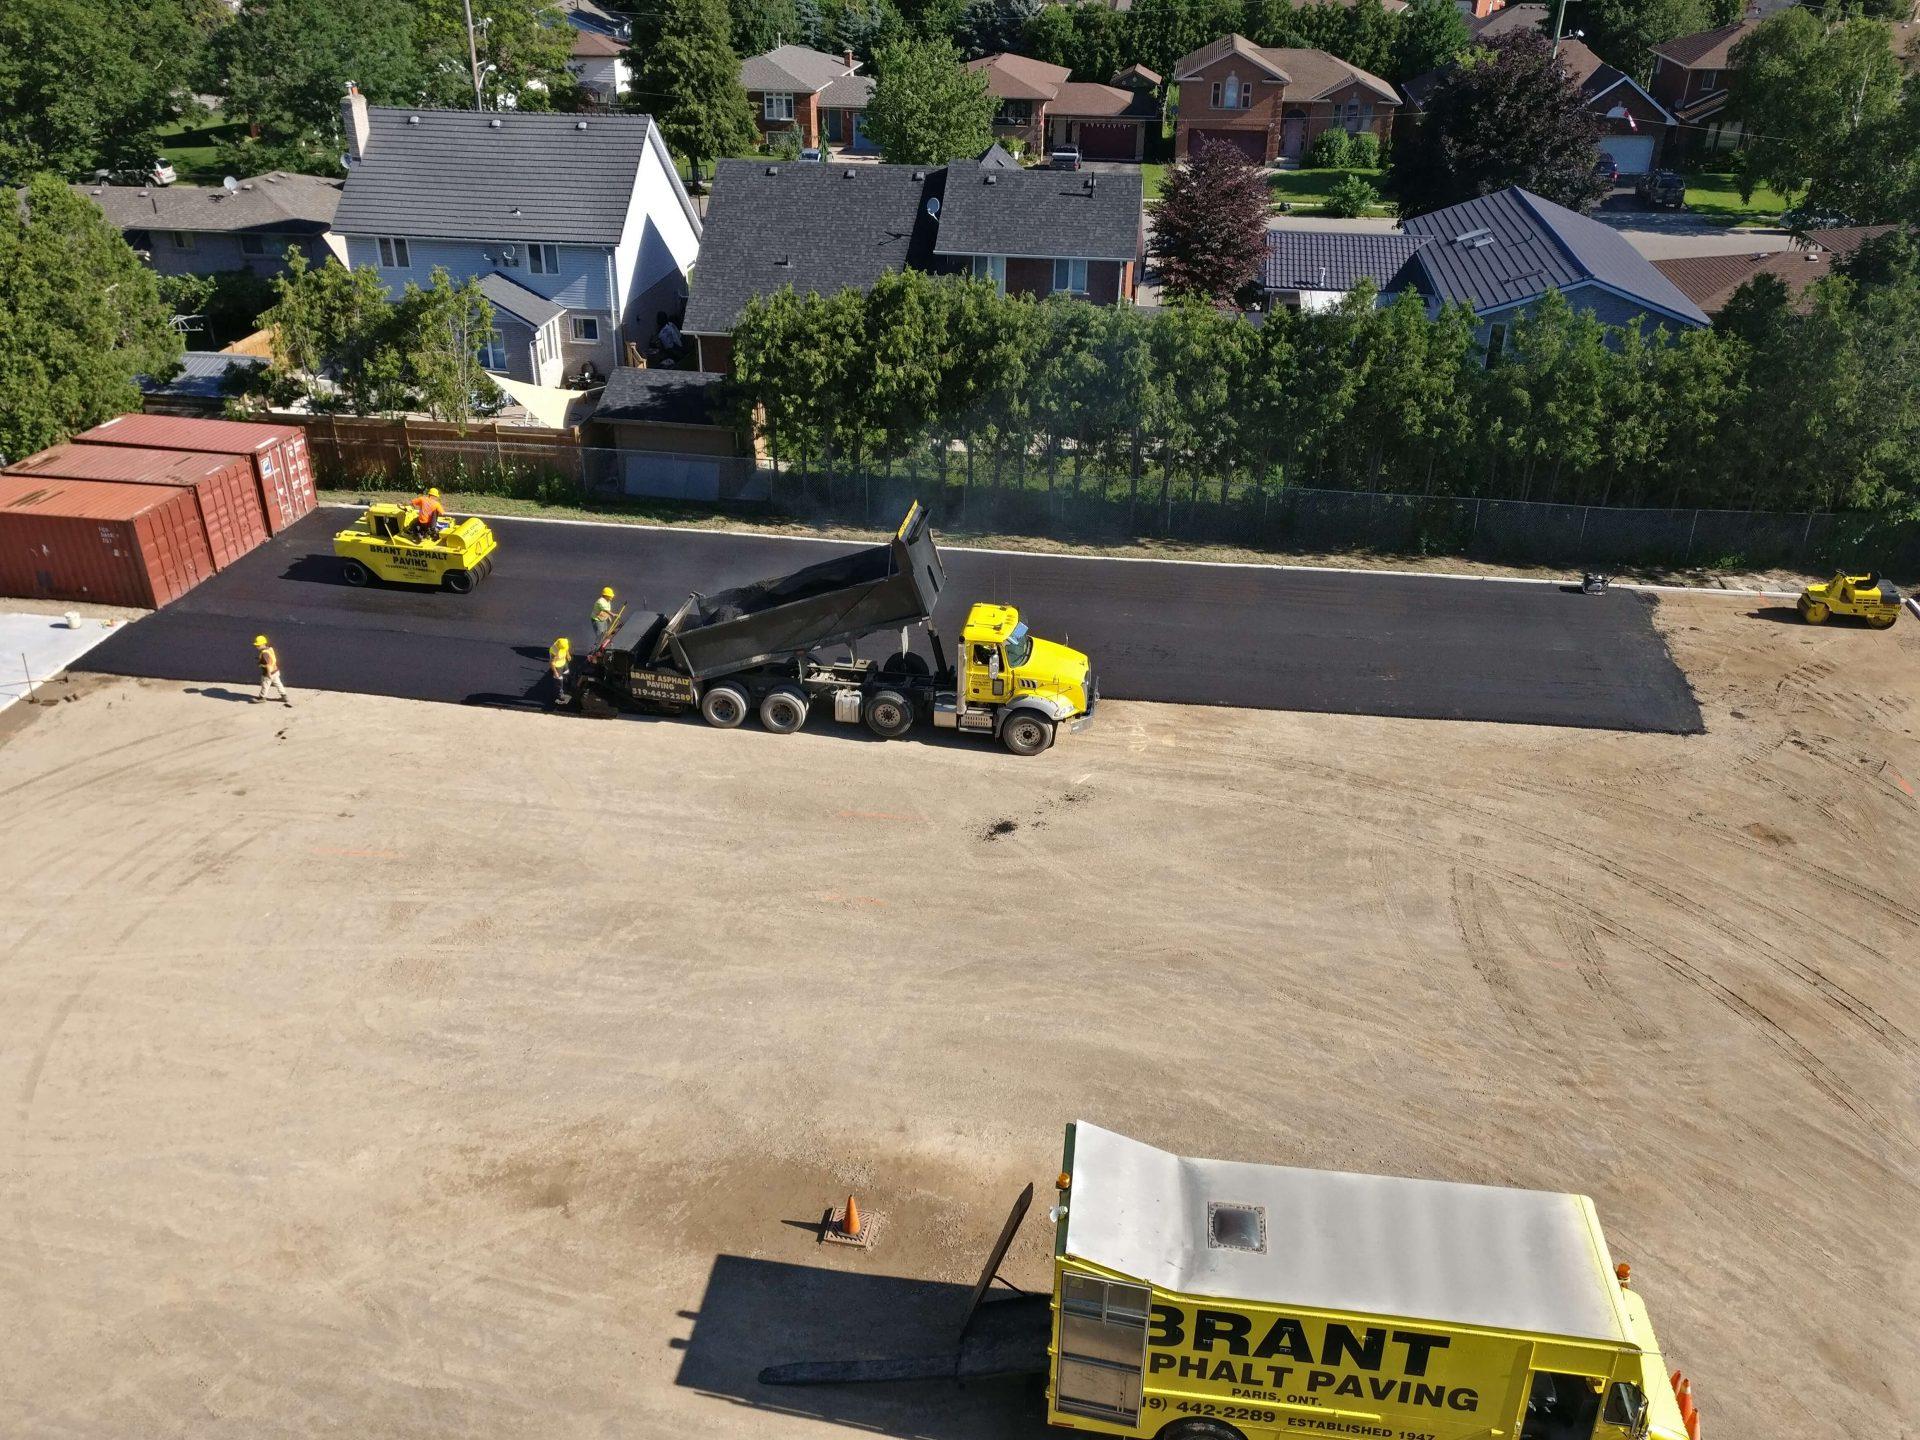 Asphalt being paved on back lot